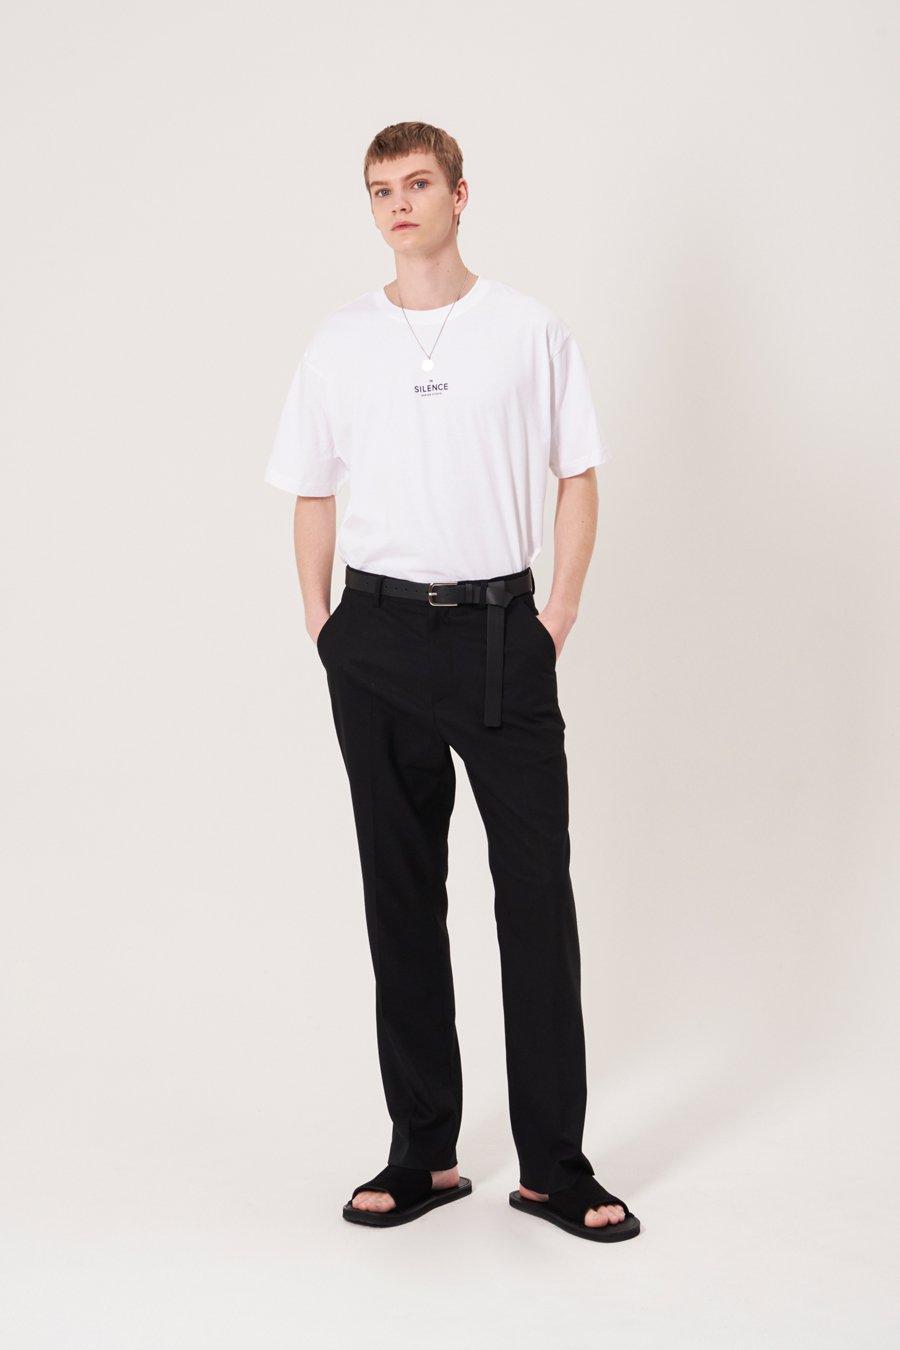 인사일런스(IN SILENCE) 스튜디오 로고 티셔츠 WHITE